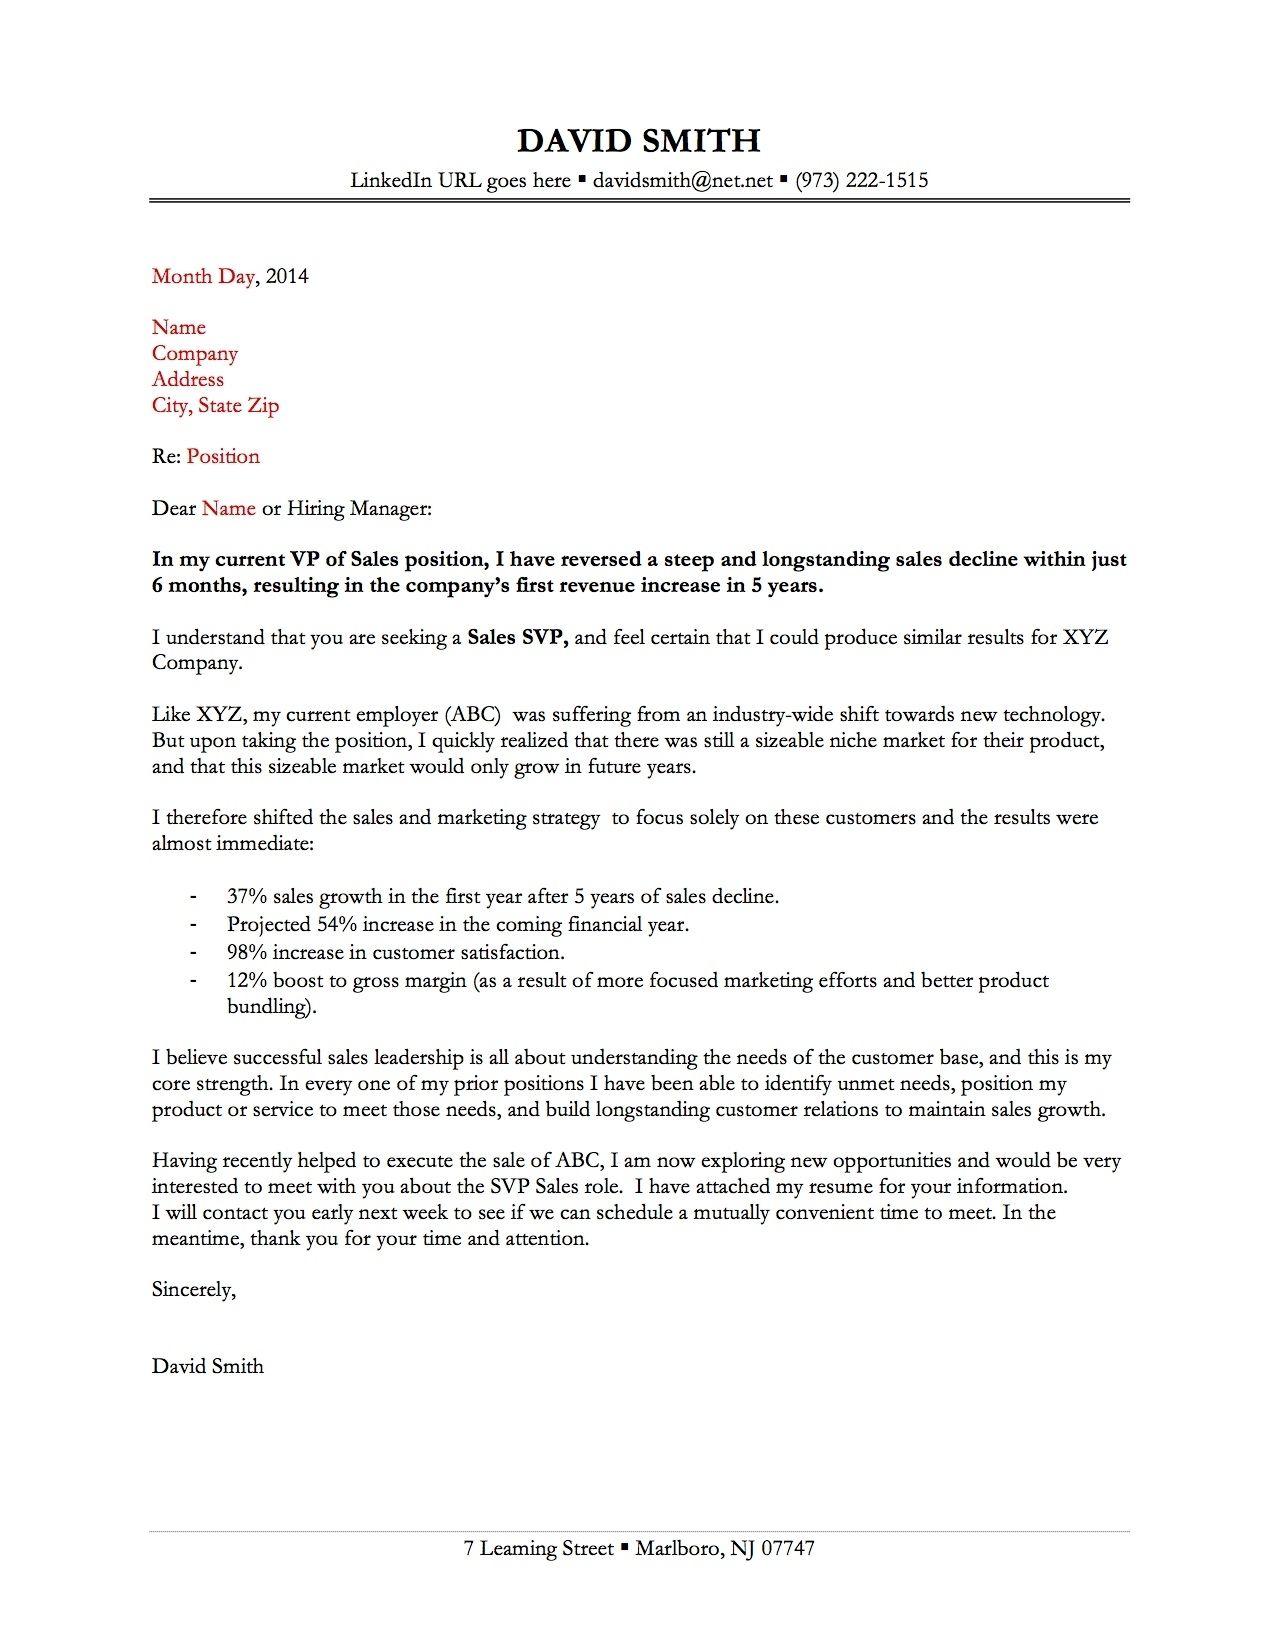 Mobile Bill Claim Letter Sample Cargo Format For Missing Damages